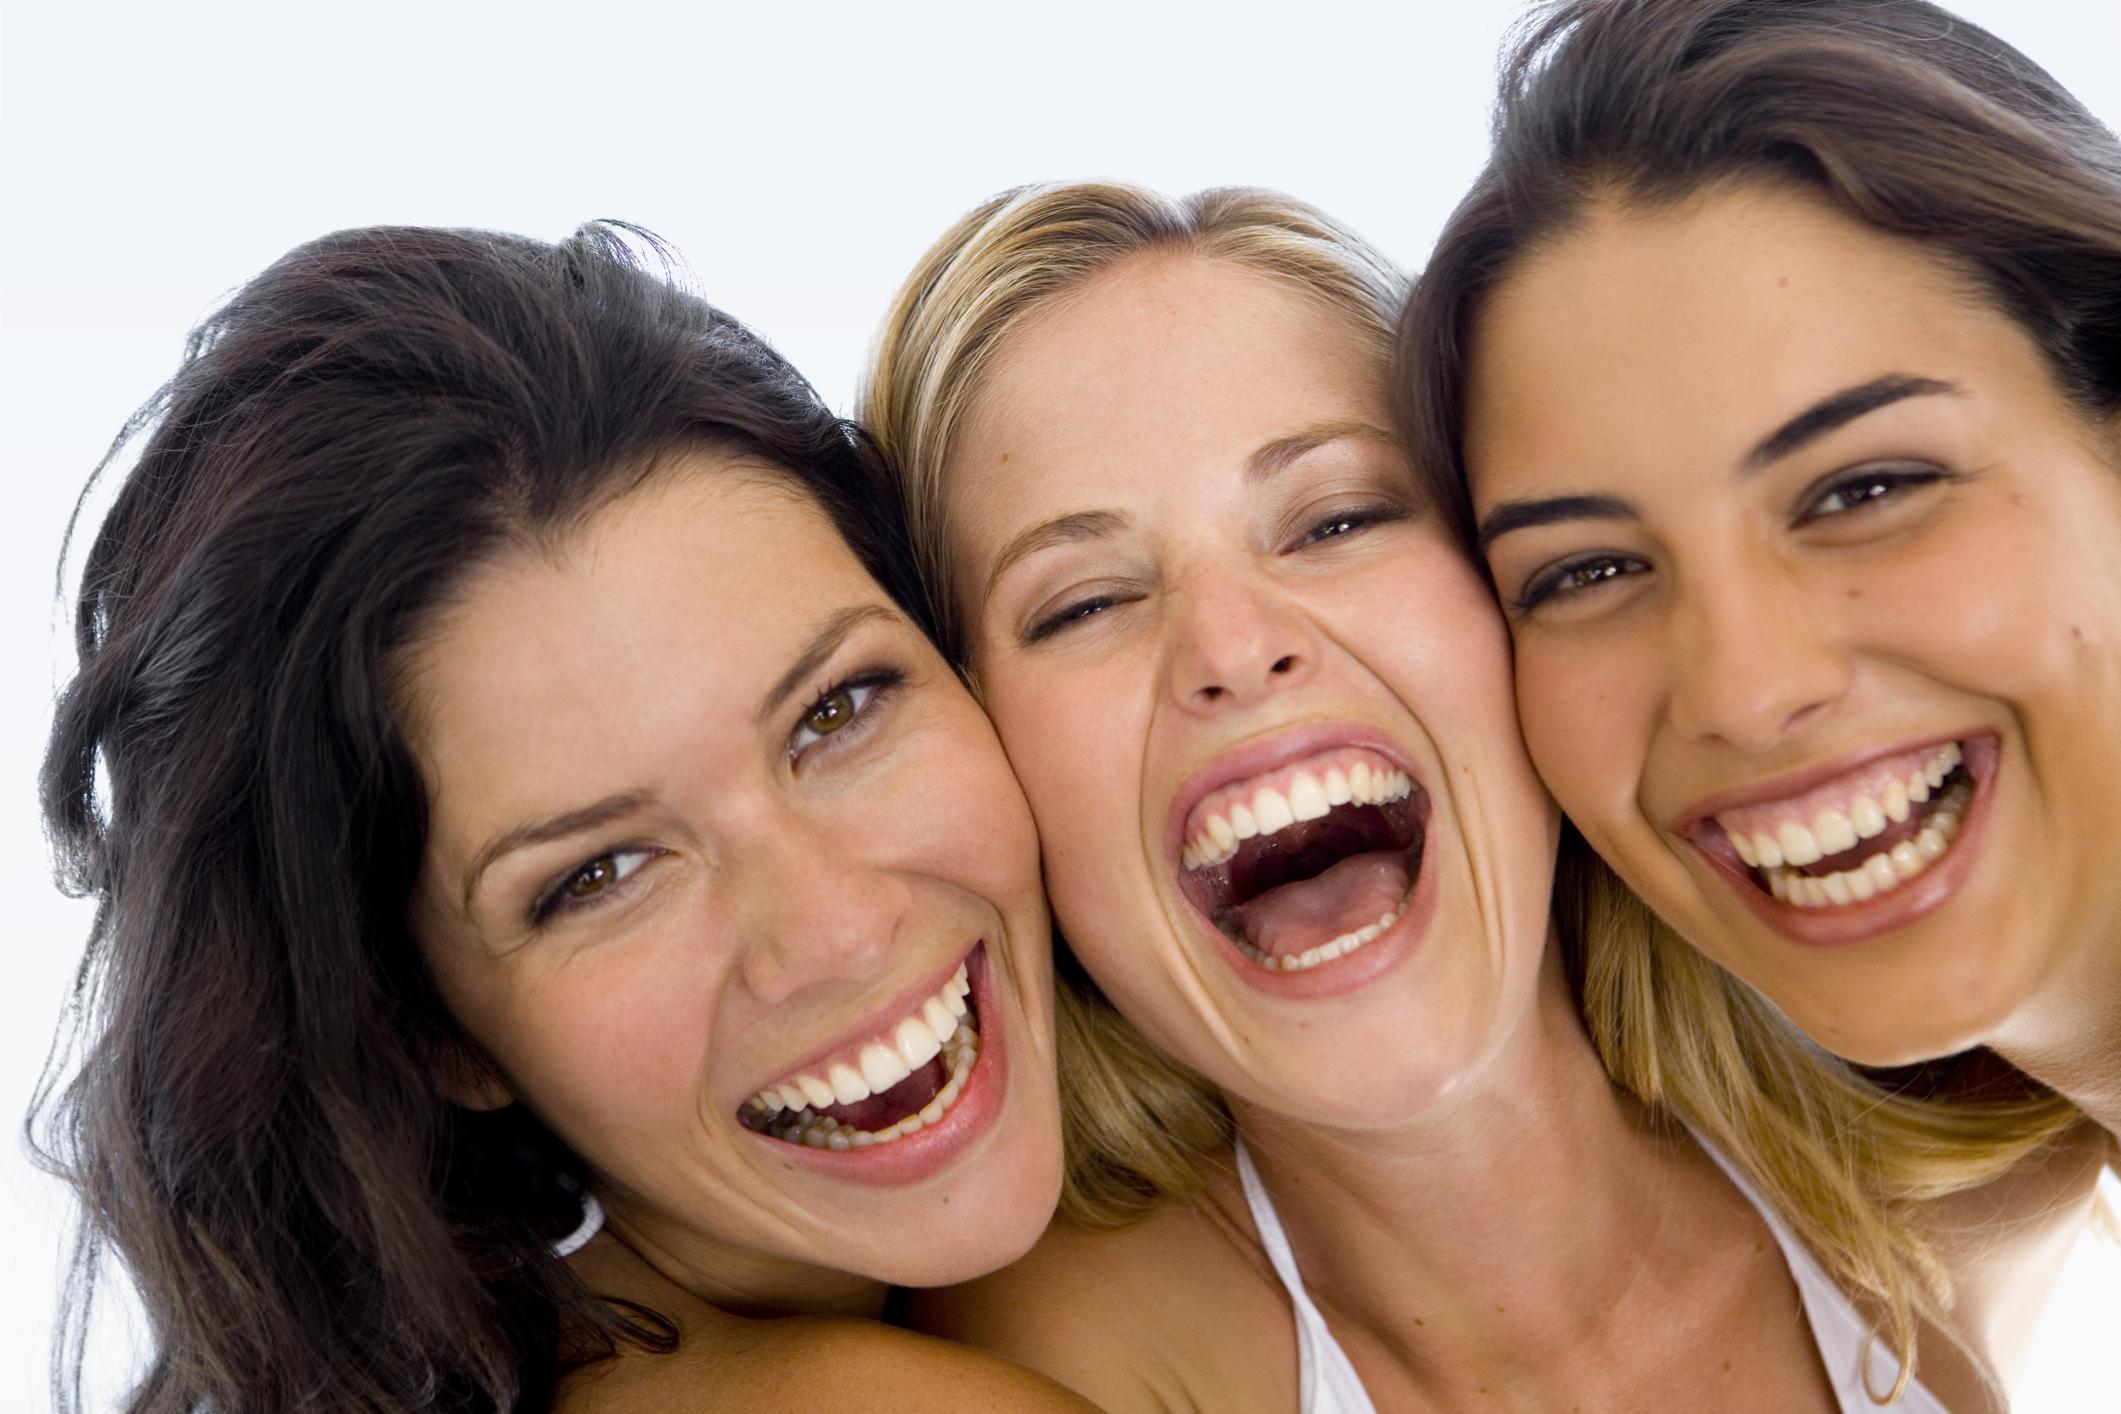 Когда ты встретил шутку, которая тебе пришлась по душе, остановись на мгновение и представь, как и в каких жизненных ситуациях ты можешь ее использовать. После этого задействуй воображение и взгляни на себя так, будто ты буквально используешь эту шутку в каком-то разговоре на работе, дома или в к